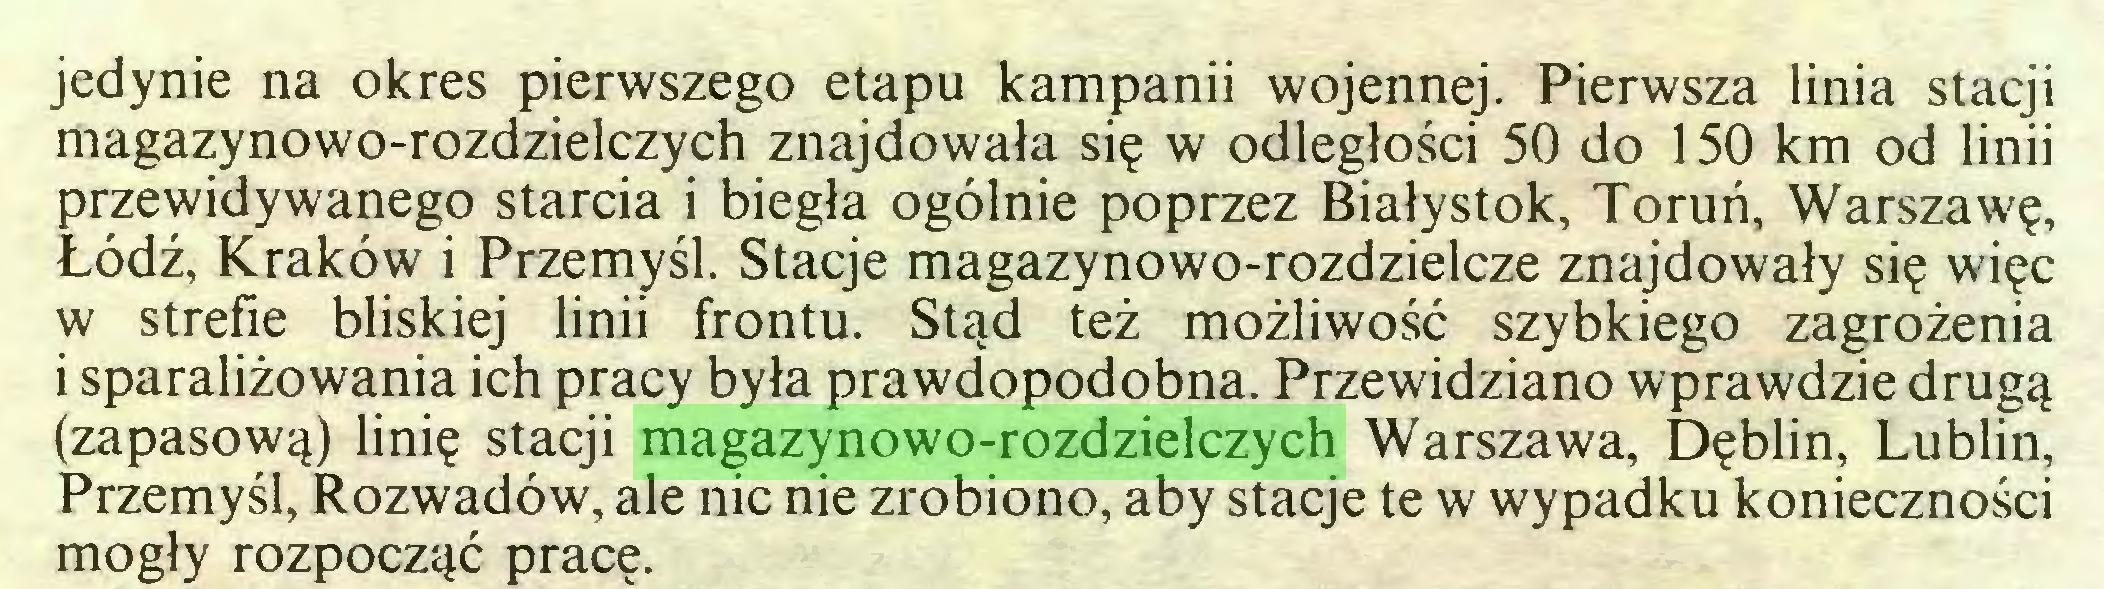 (...) jedynie na okres pierwszego etapu kampanii wojennej. Pierwsza linia stacji magazynowo-rozdzielczych znajdowała się w odległości 50 do 150 km od linii przewidywanego starcia i biegła ogólnie poprzez Białystok, Toruń, Warszawę, Łódź, Kraków i Przemyśl. Stacje magazynowo-rozdzielcze znajdowały się więc w strefie bliskiej linii frontu. Stąd też możliwość szybkiego zagrożenia i sparaliżowania ich pracy była prawdopodobna. Przewidziano wprawdzie drugą (zapasową) linię stacji magazynowo-rozdzielczych Warszawa, Dęblin, Lublin, Przemyśl, Rozwadów, ale nic nie zrobiono, aby stacje te w wypadku konieczności mogły rozpocząć pracę...